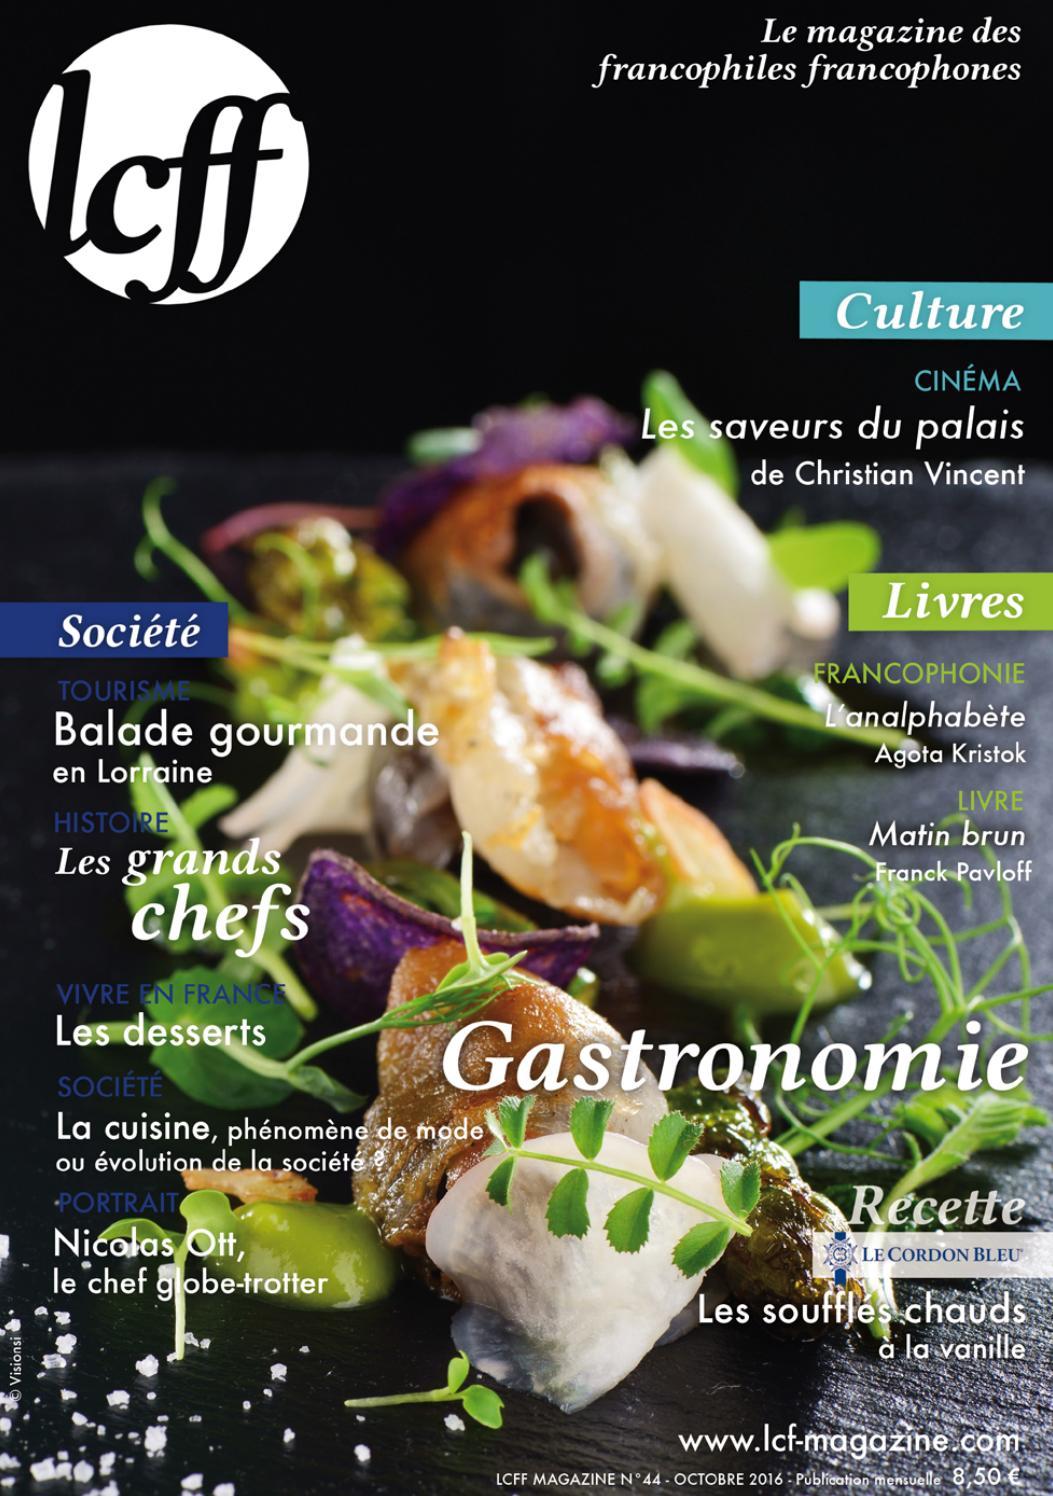 Lcff Magazine N 44 Gastronomie By Lcff Issuu